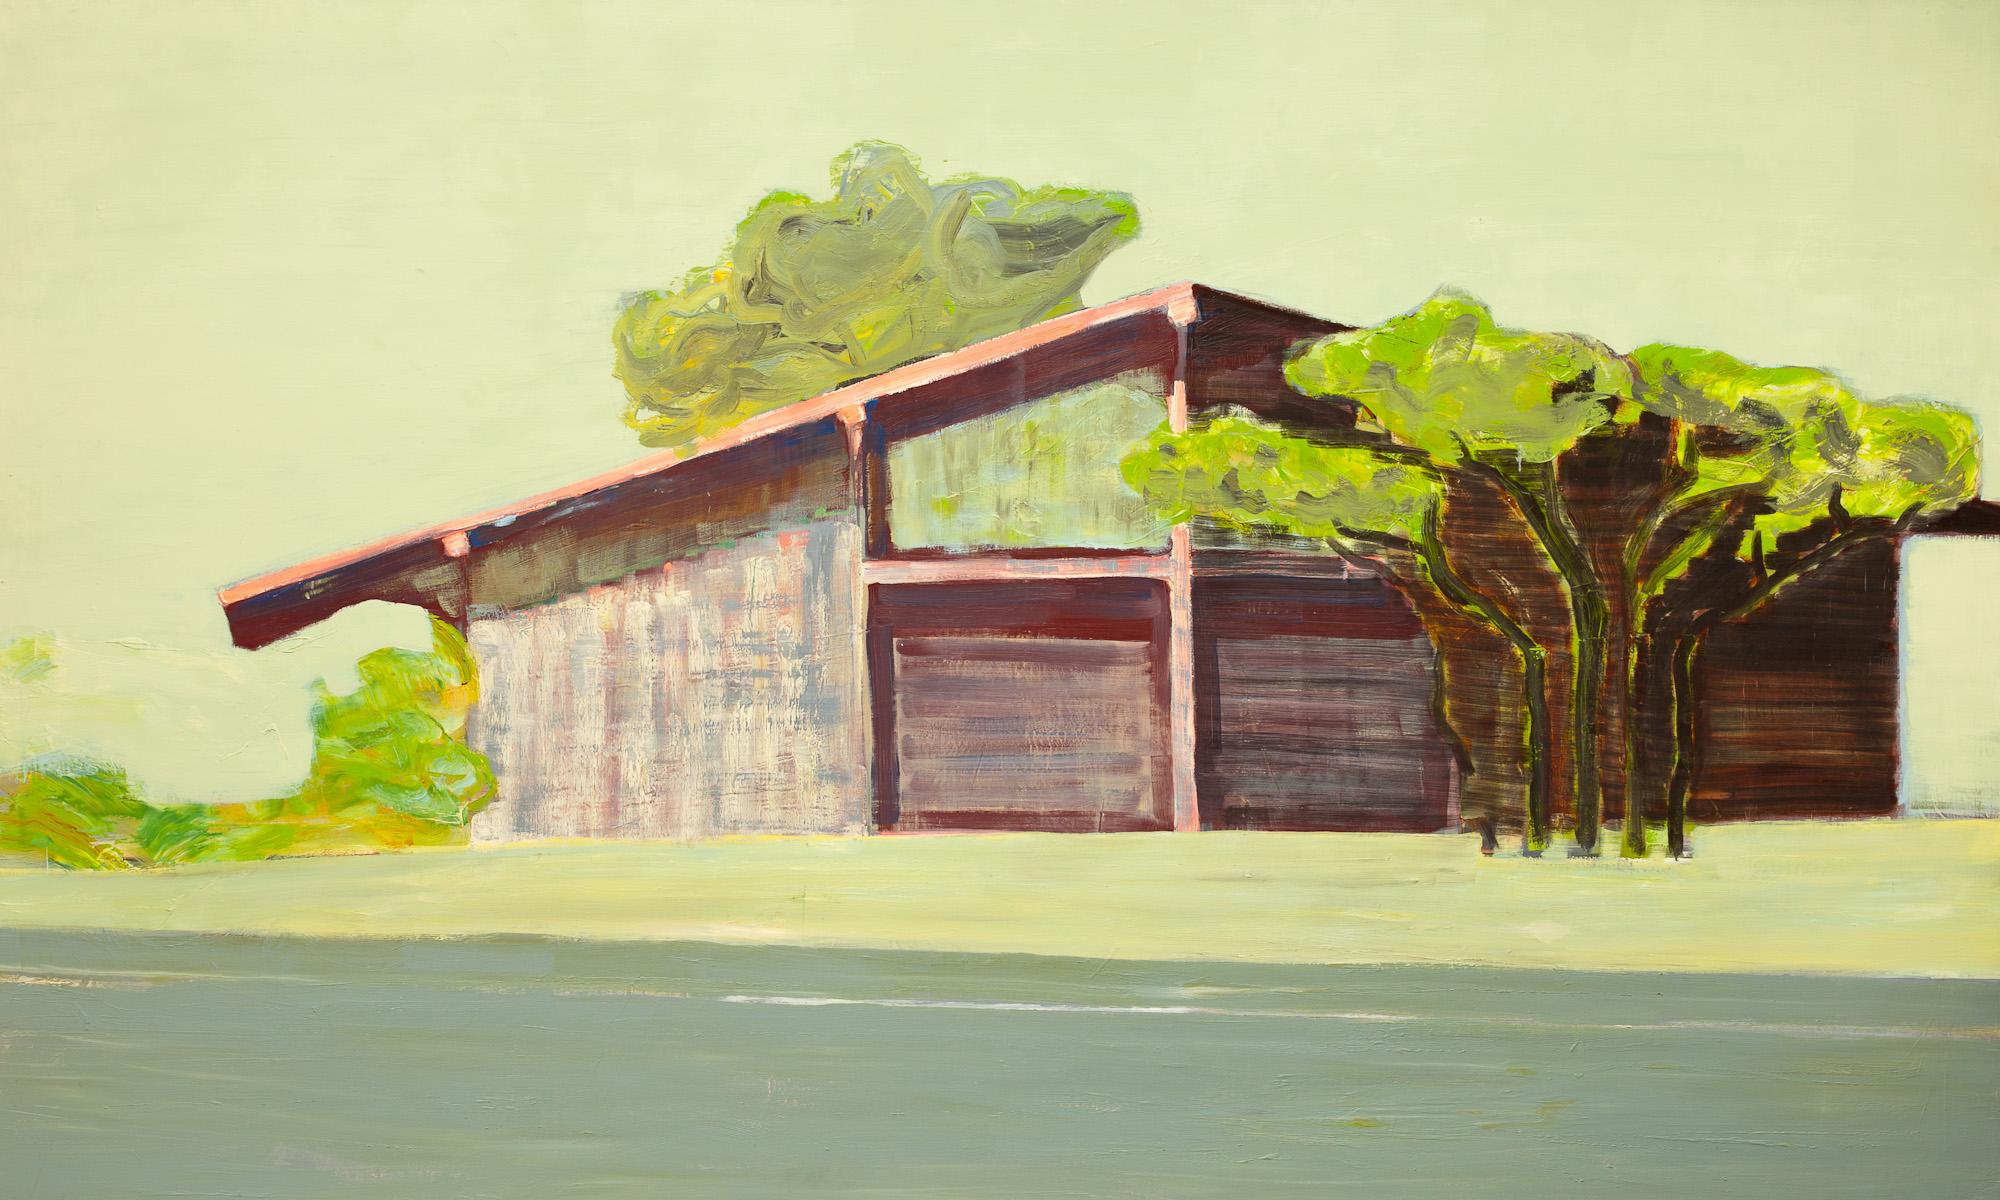 Front, olieverf op linnen, 300 x 180 cm, Nico Bakker